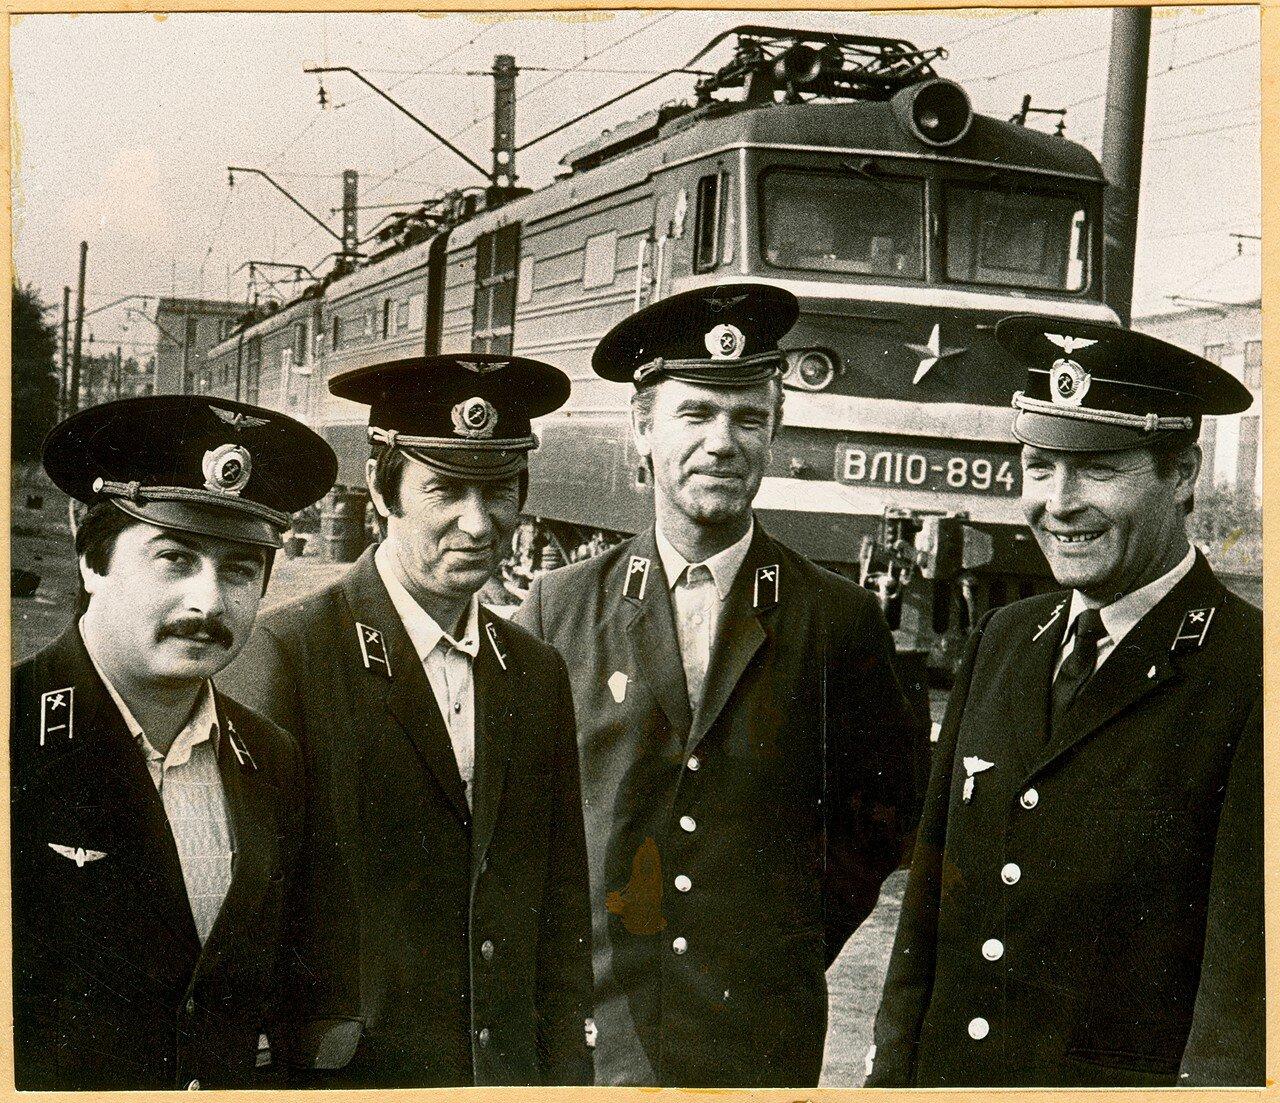 1970-е. Машинисты депо Челябинск у электровоза ВЛ10-894